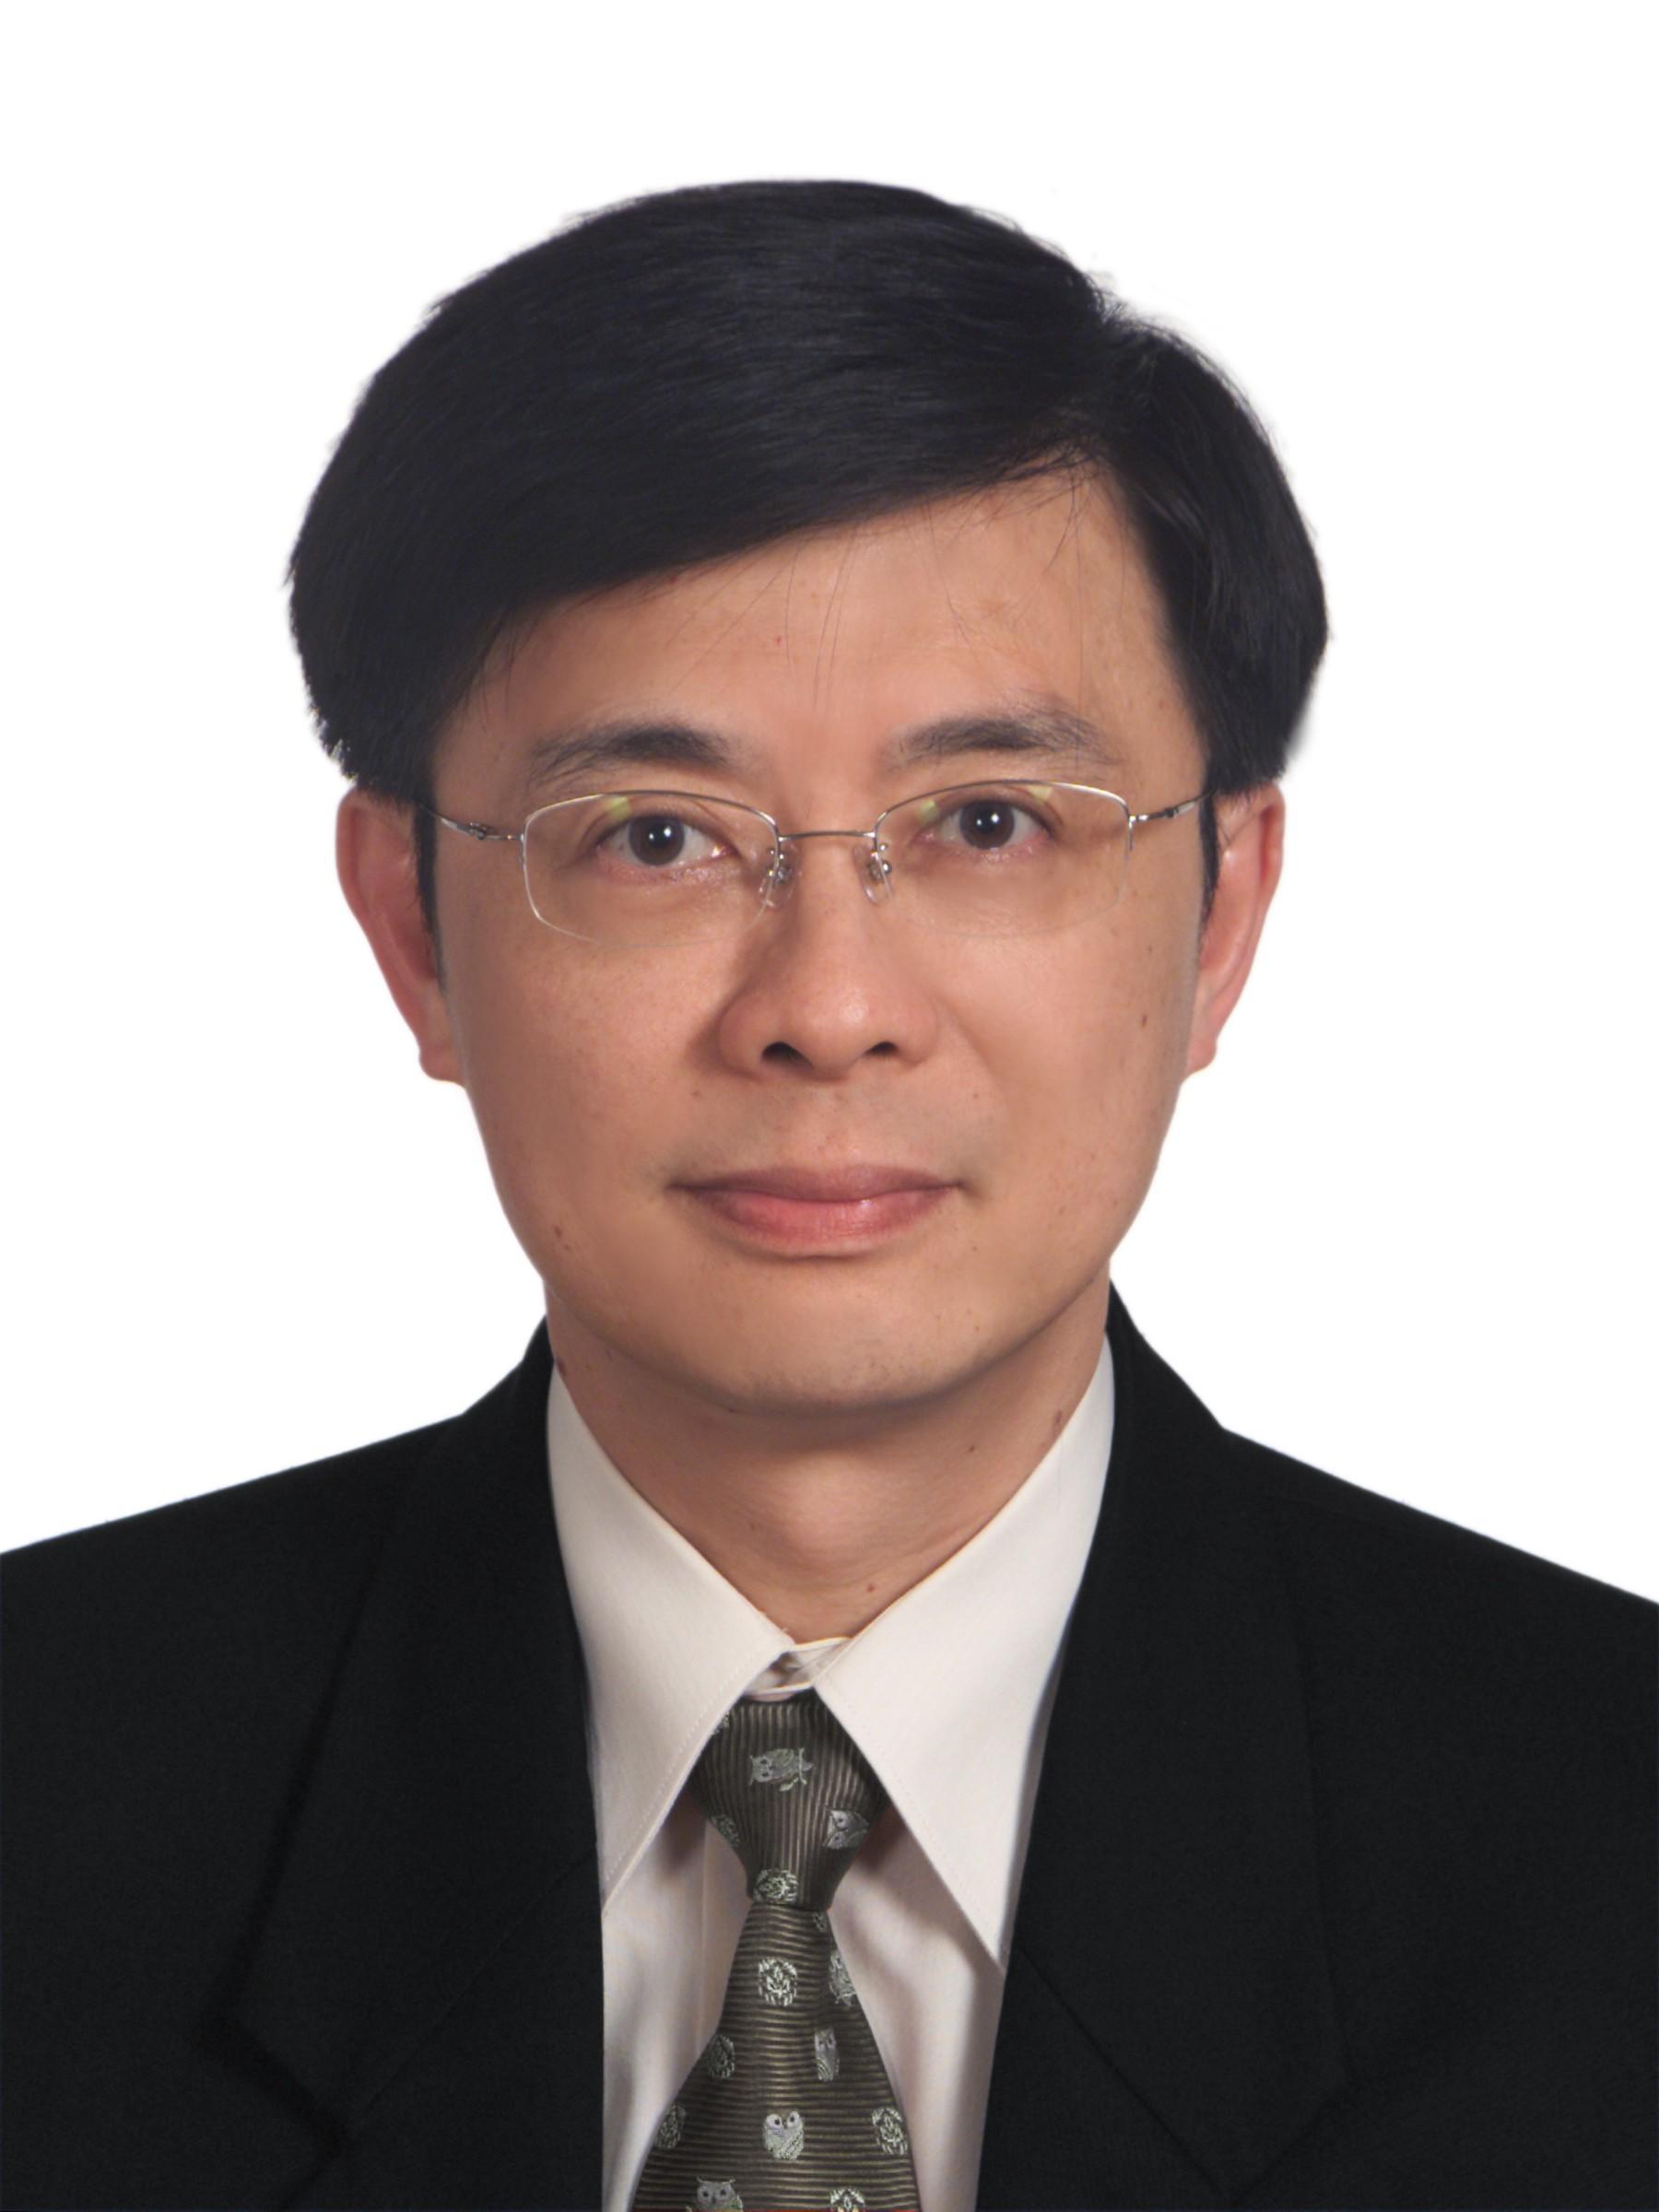 彰化基督教醫院-張正雄醫師